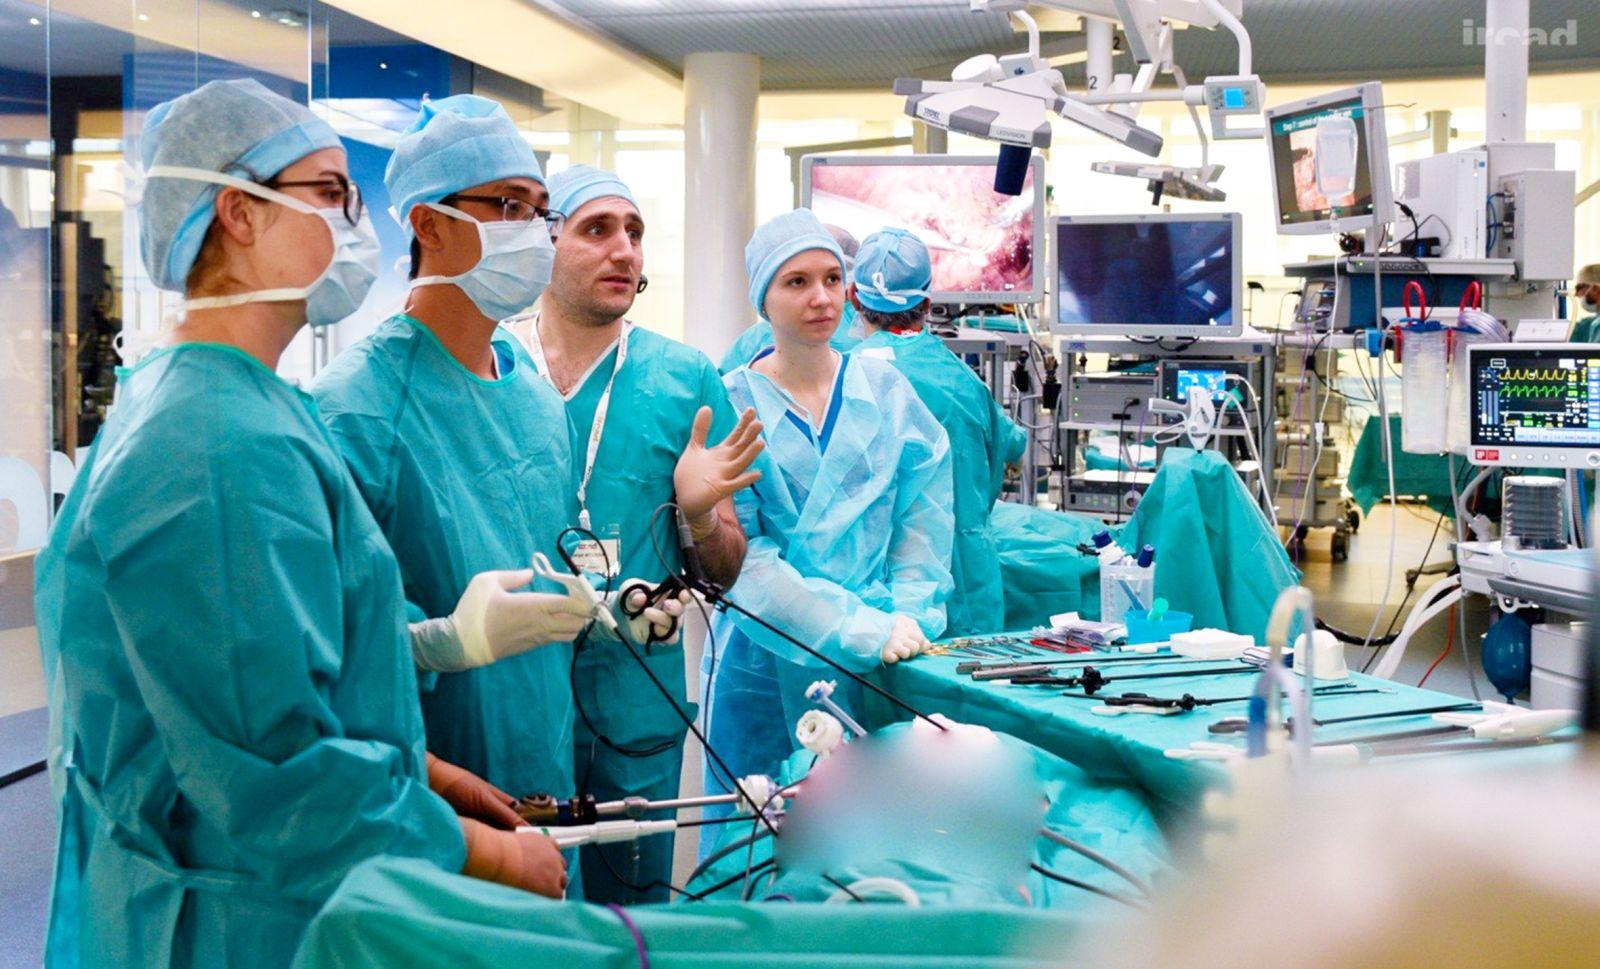 Nâng cao chất lượng phẫu thuật nội soi từ chuyến tu nghiệp tại Pháp